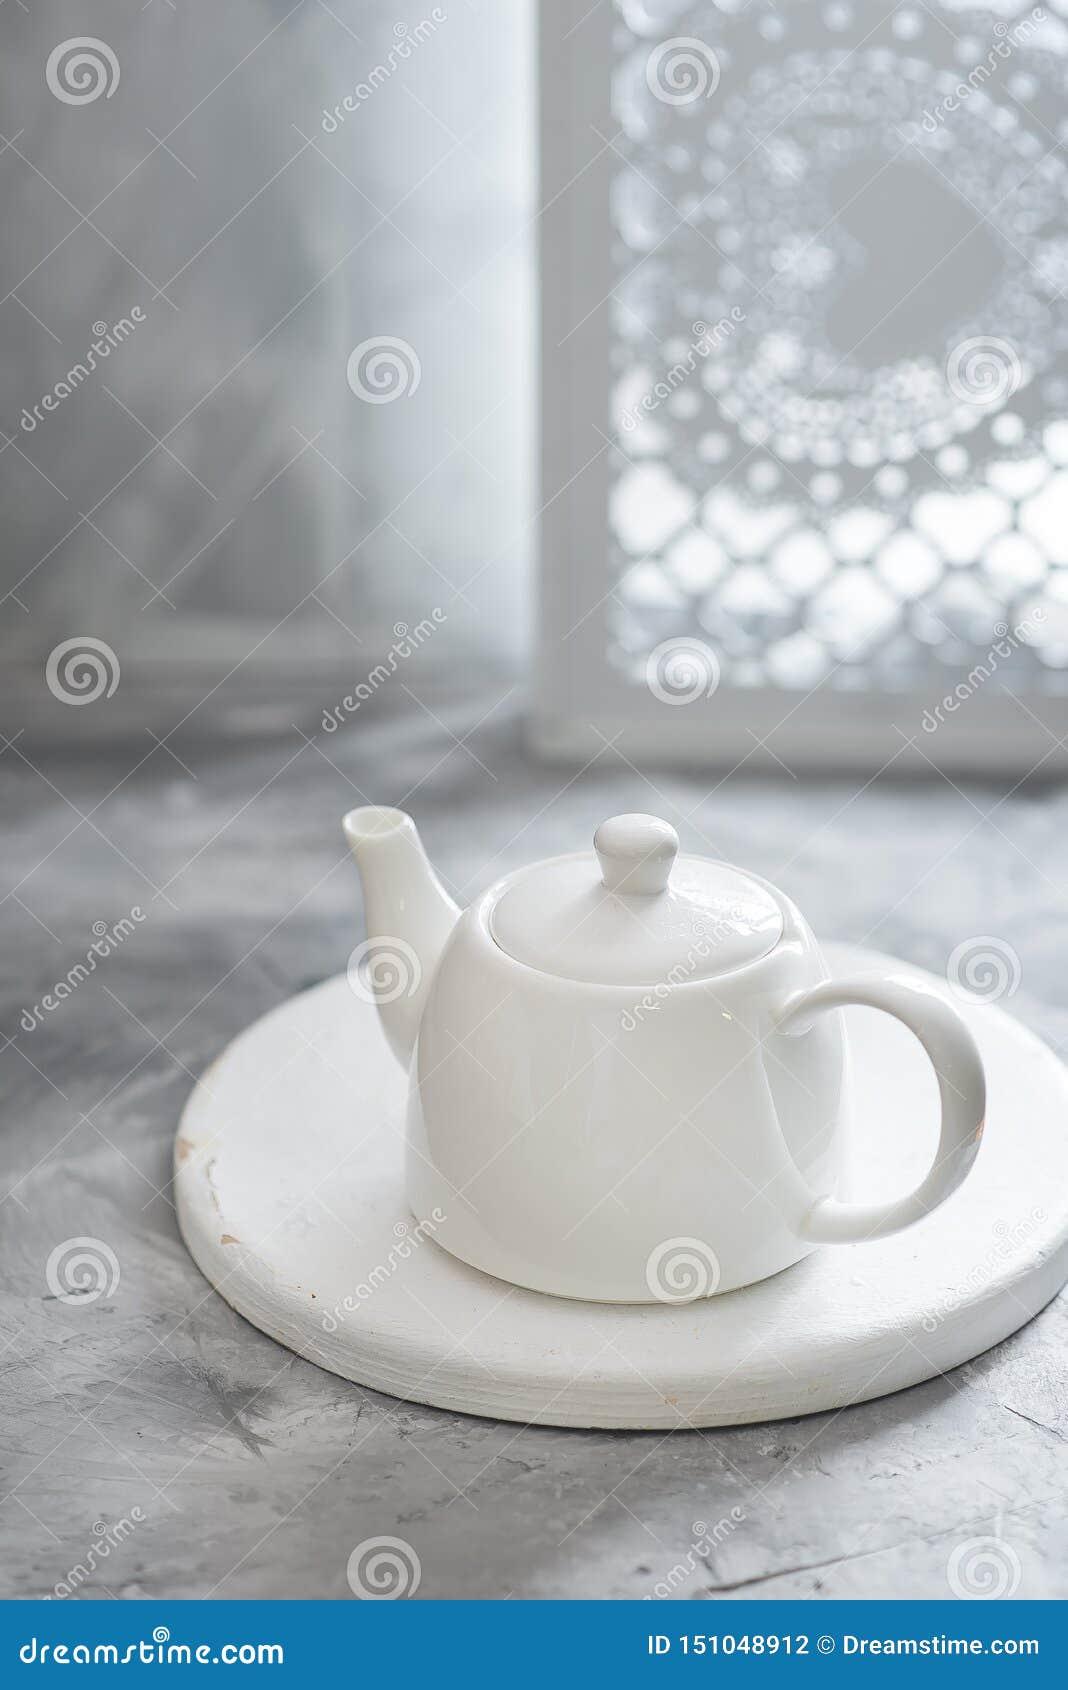 Άσπρο καθαρό teapot πορσελάνης είναι στο γκρίζο υπόβαθρο